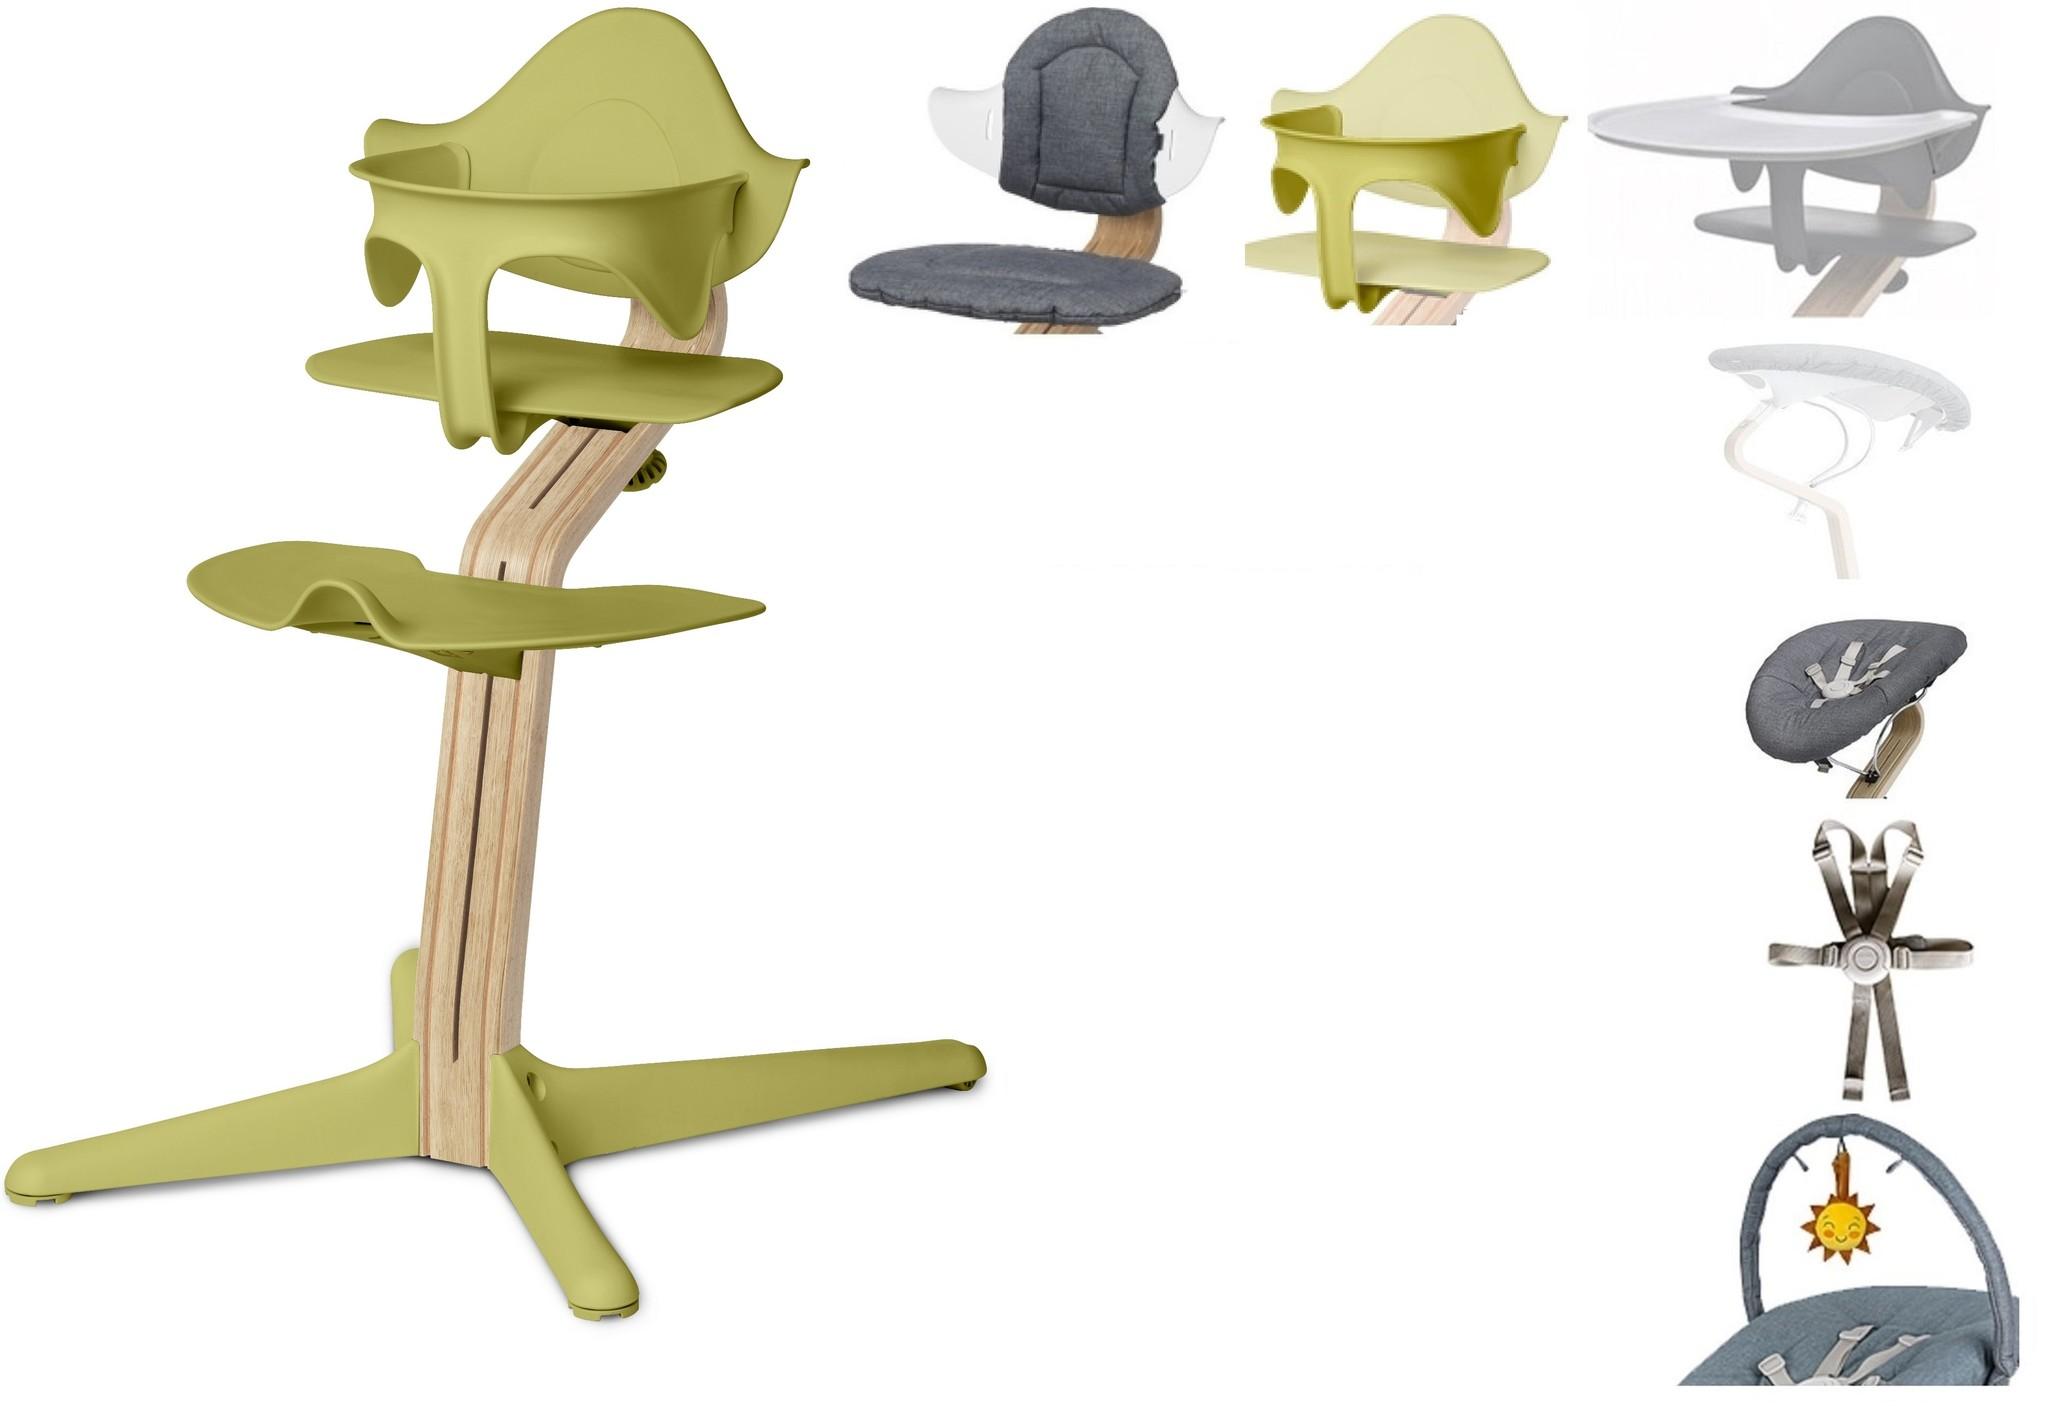 NOMI highchair: de meest complete meegroeistoel met Basis met stoel, Zitkussen, Beugel, Tray, Wipper